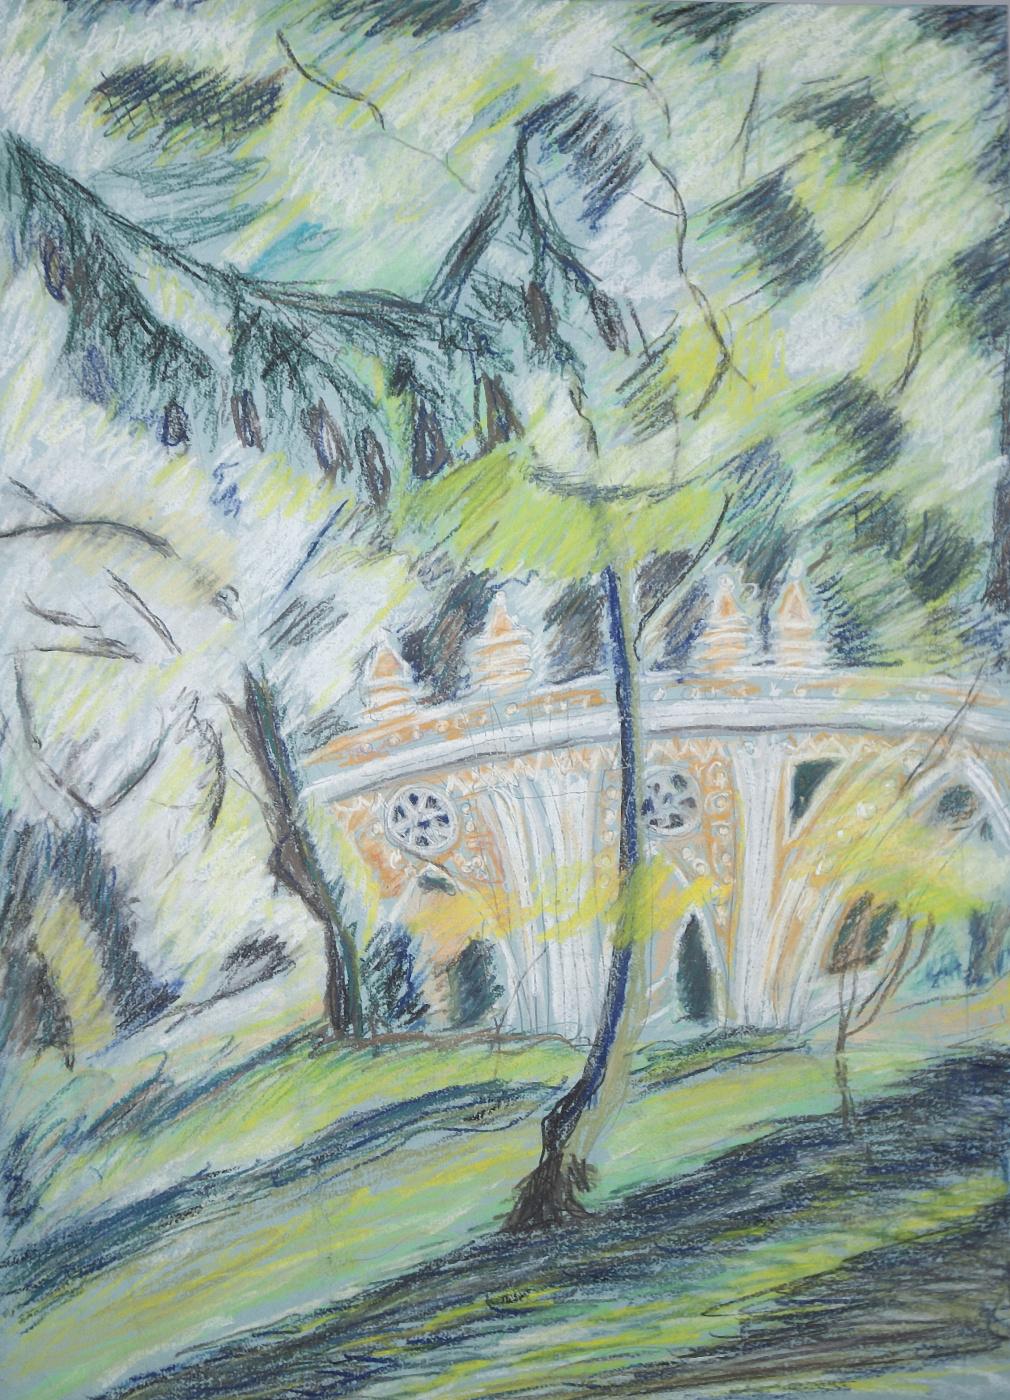 Natalia Alexandrovna Yudintseva. Big bridge over the ravine. Tsaritsyno